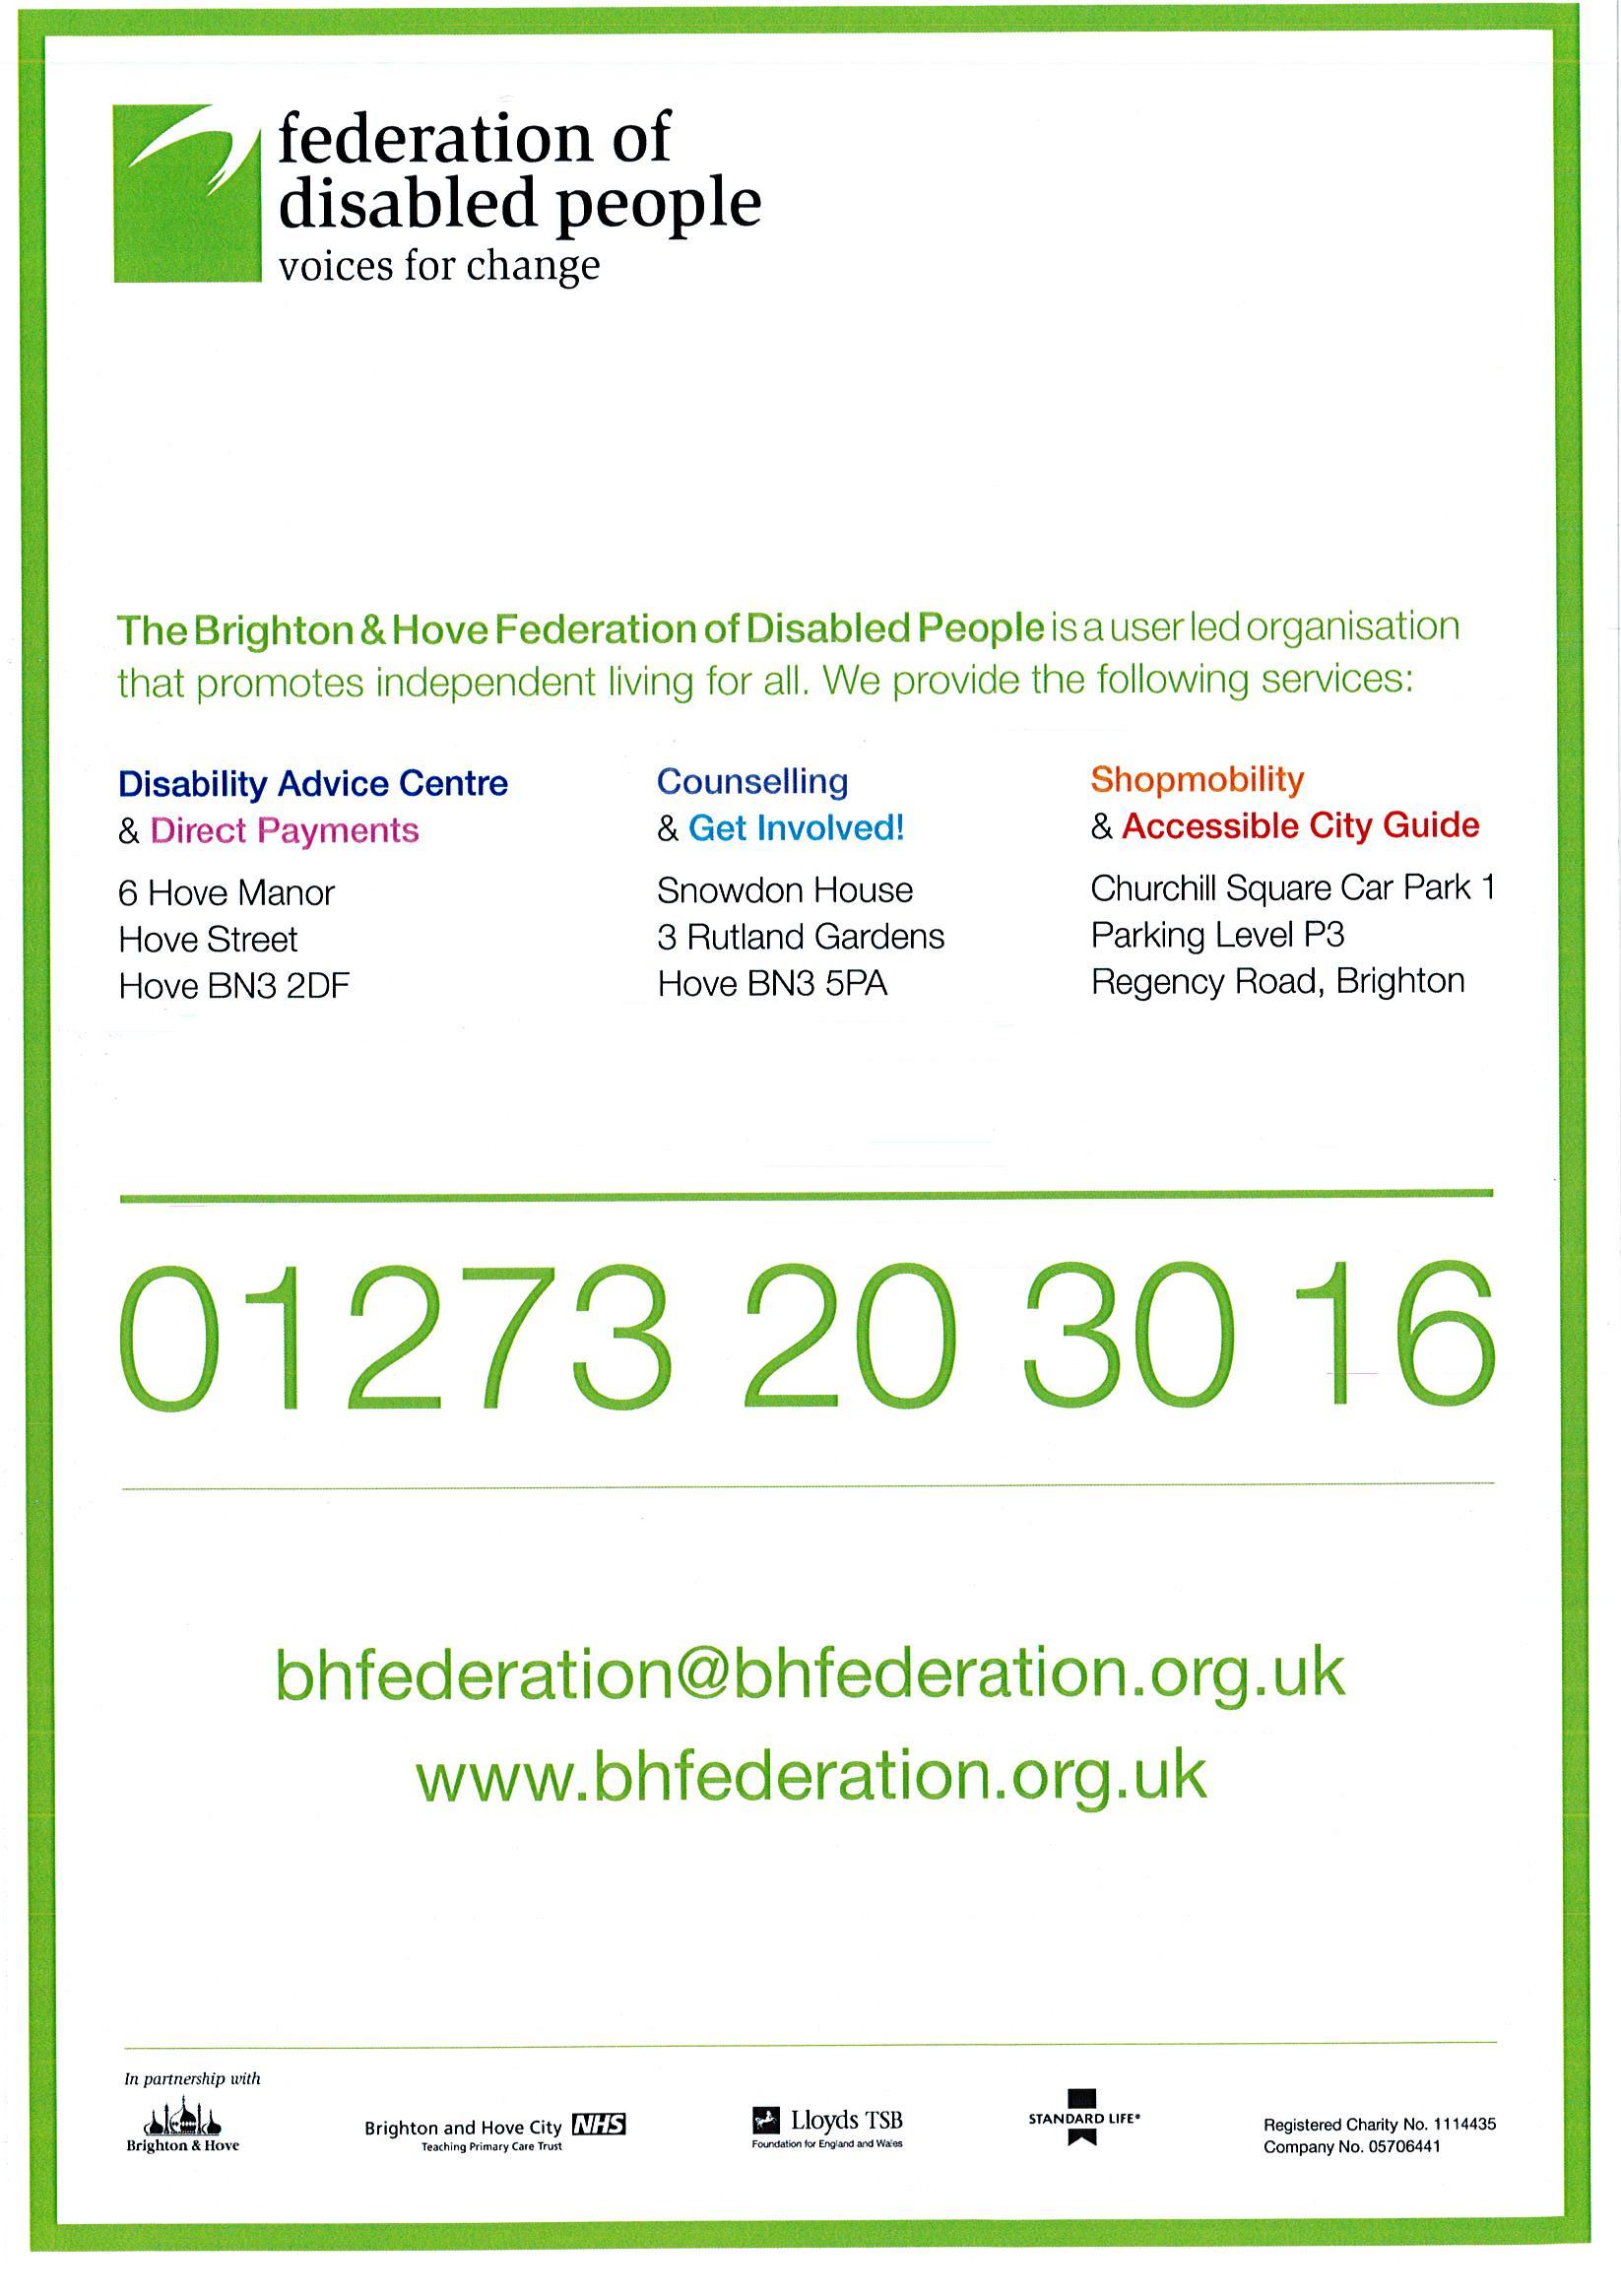 A leaflet describing what we do.